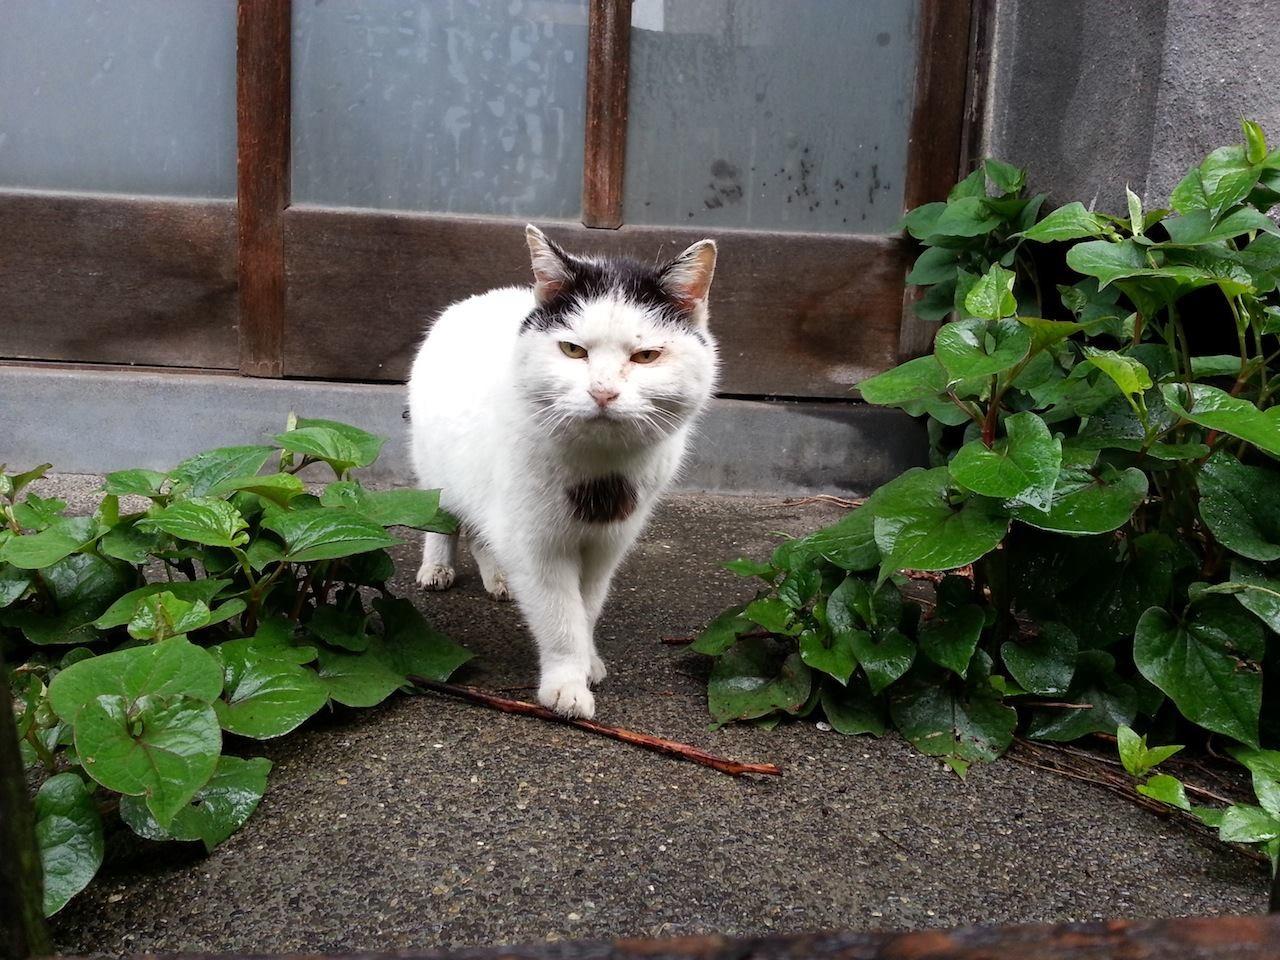 吾輩は、ぬこ田健作である。玉はまだ無い...うふっ♡ 【2014年5月1日】